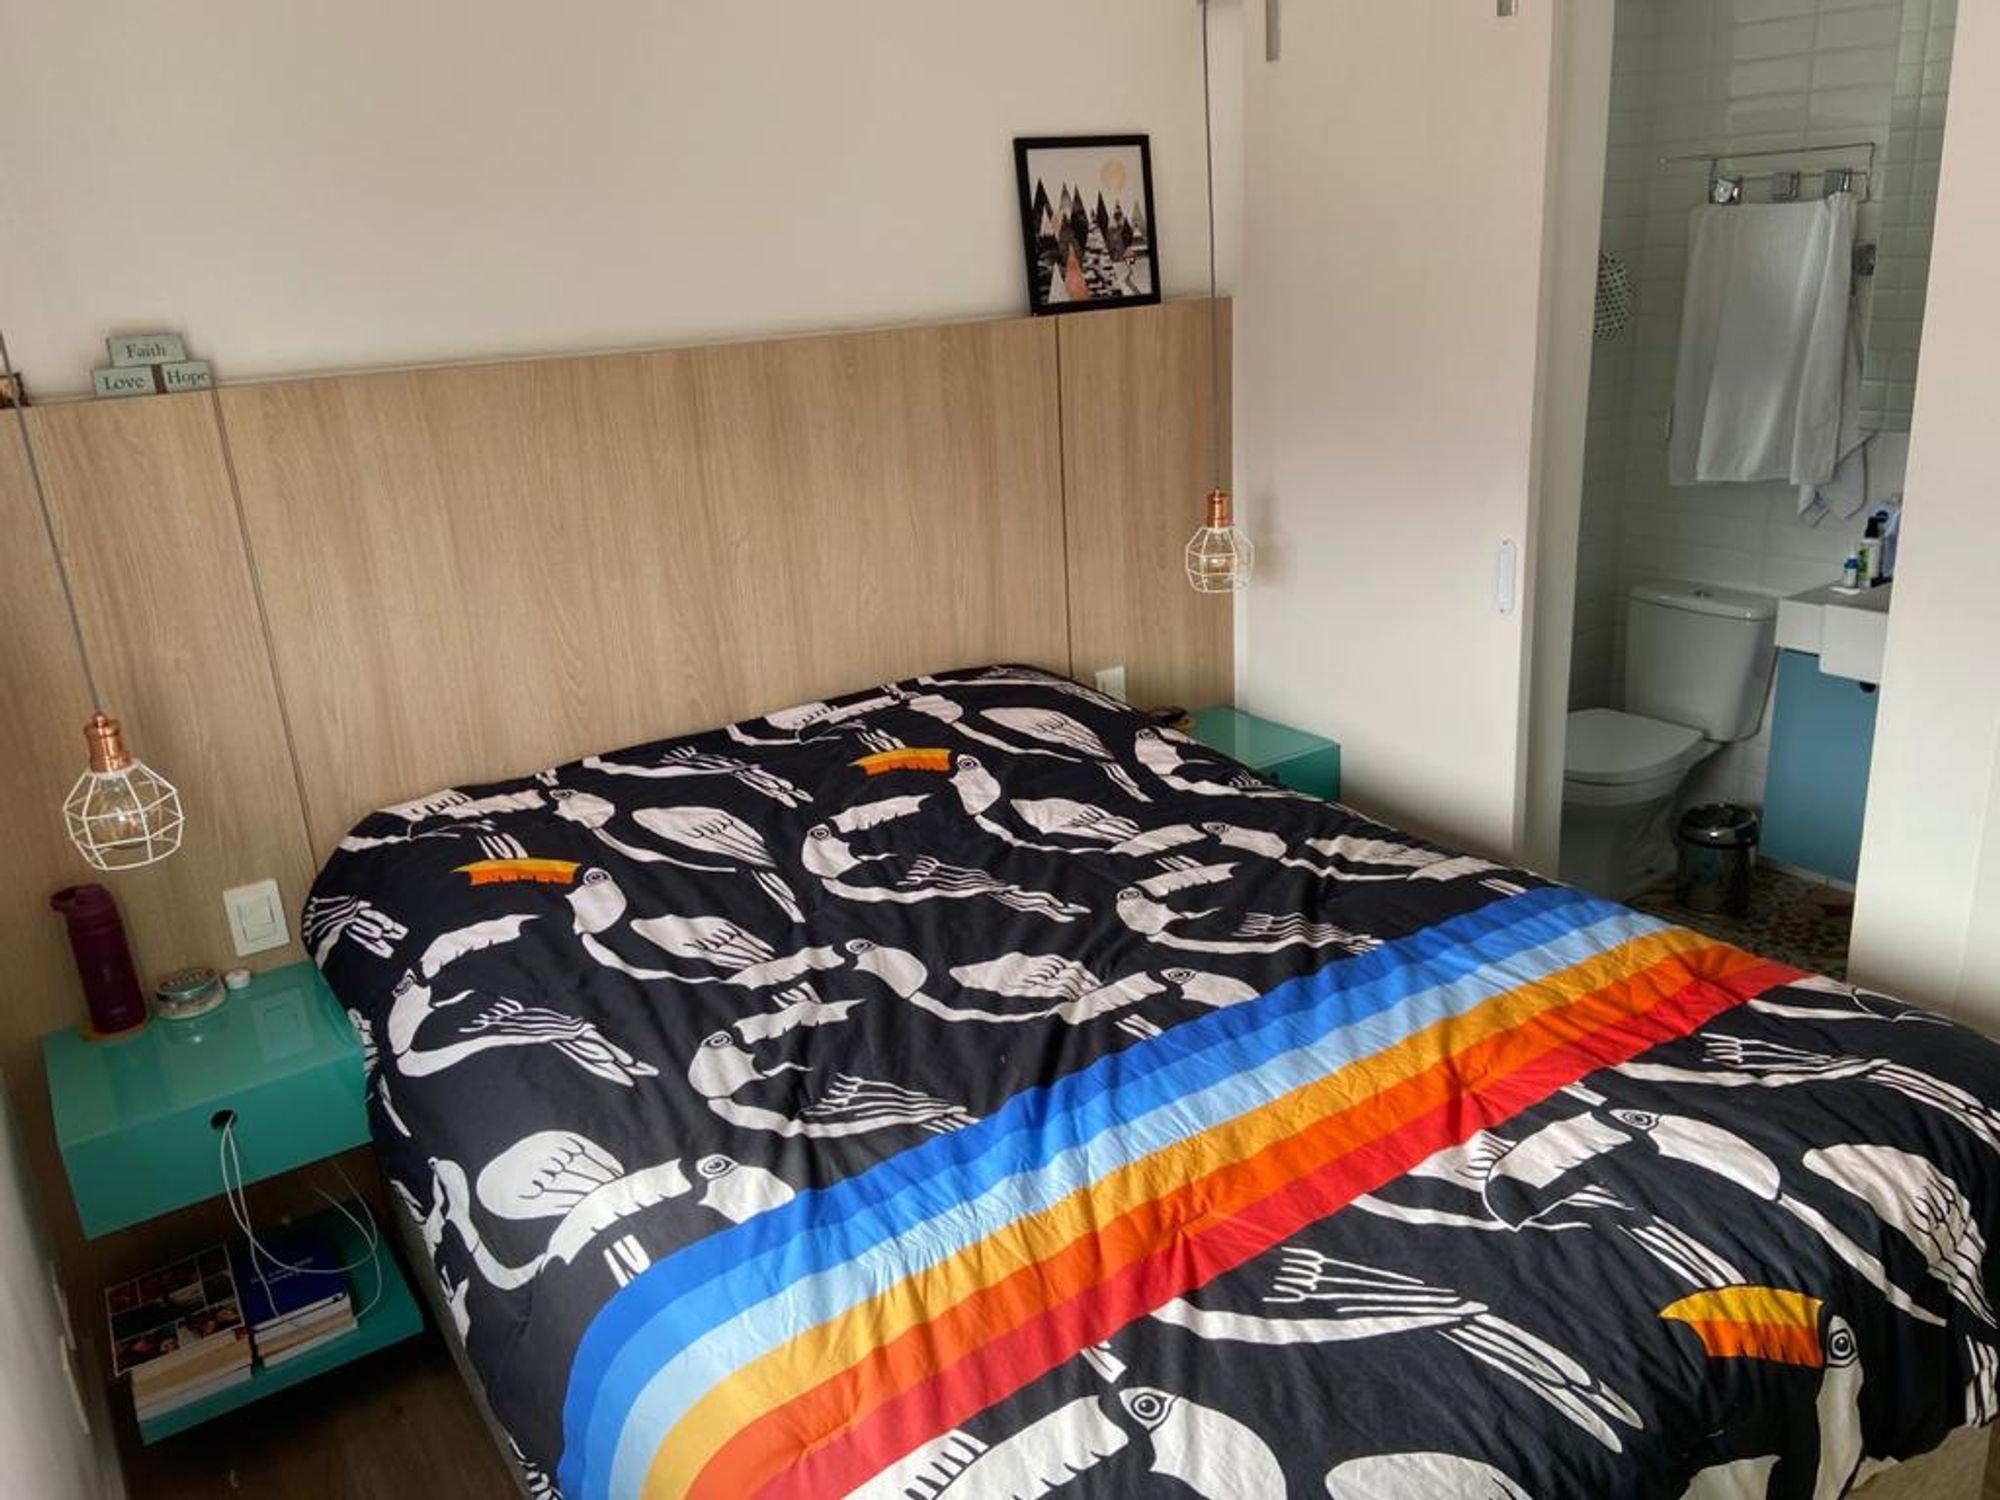 Foto de Quarto com cama, vaso sanitário